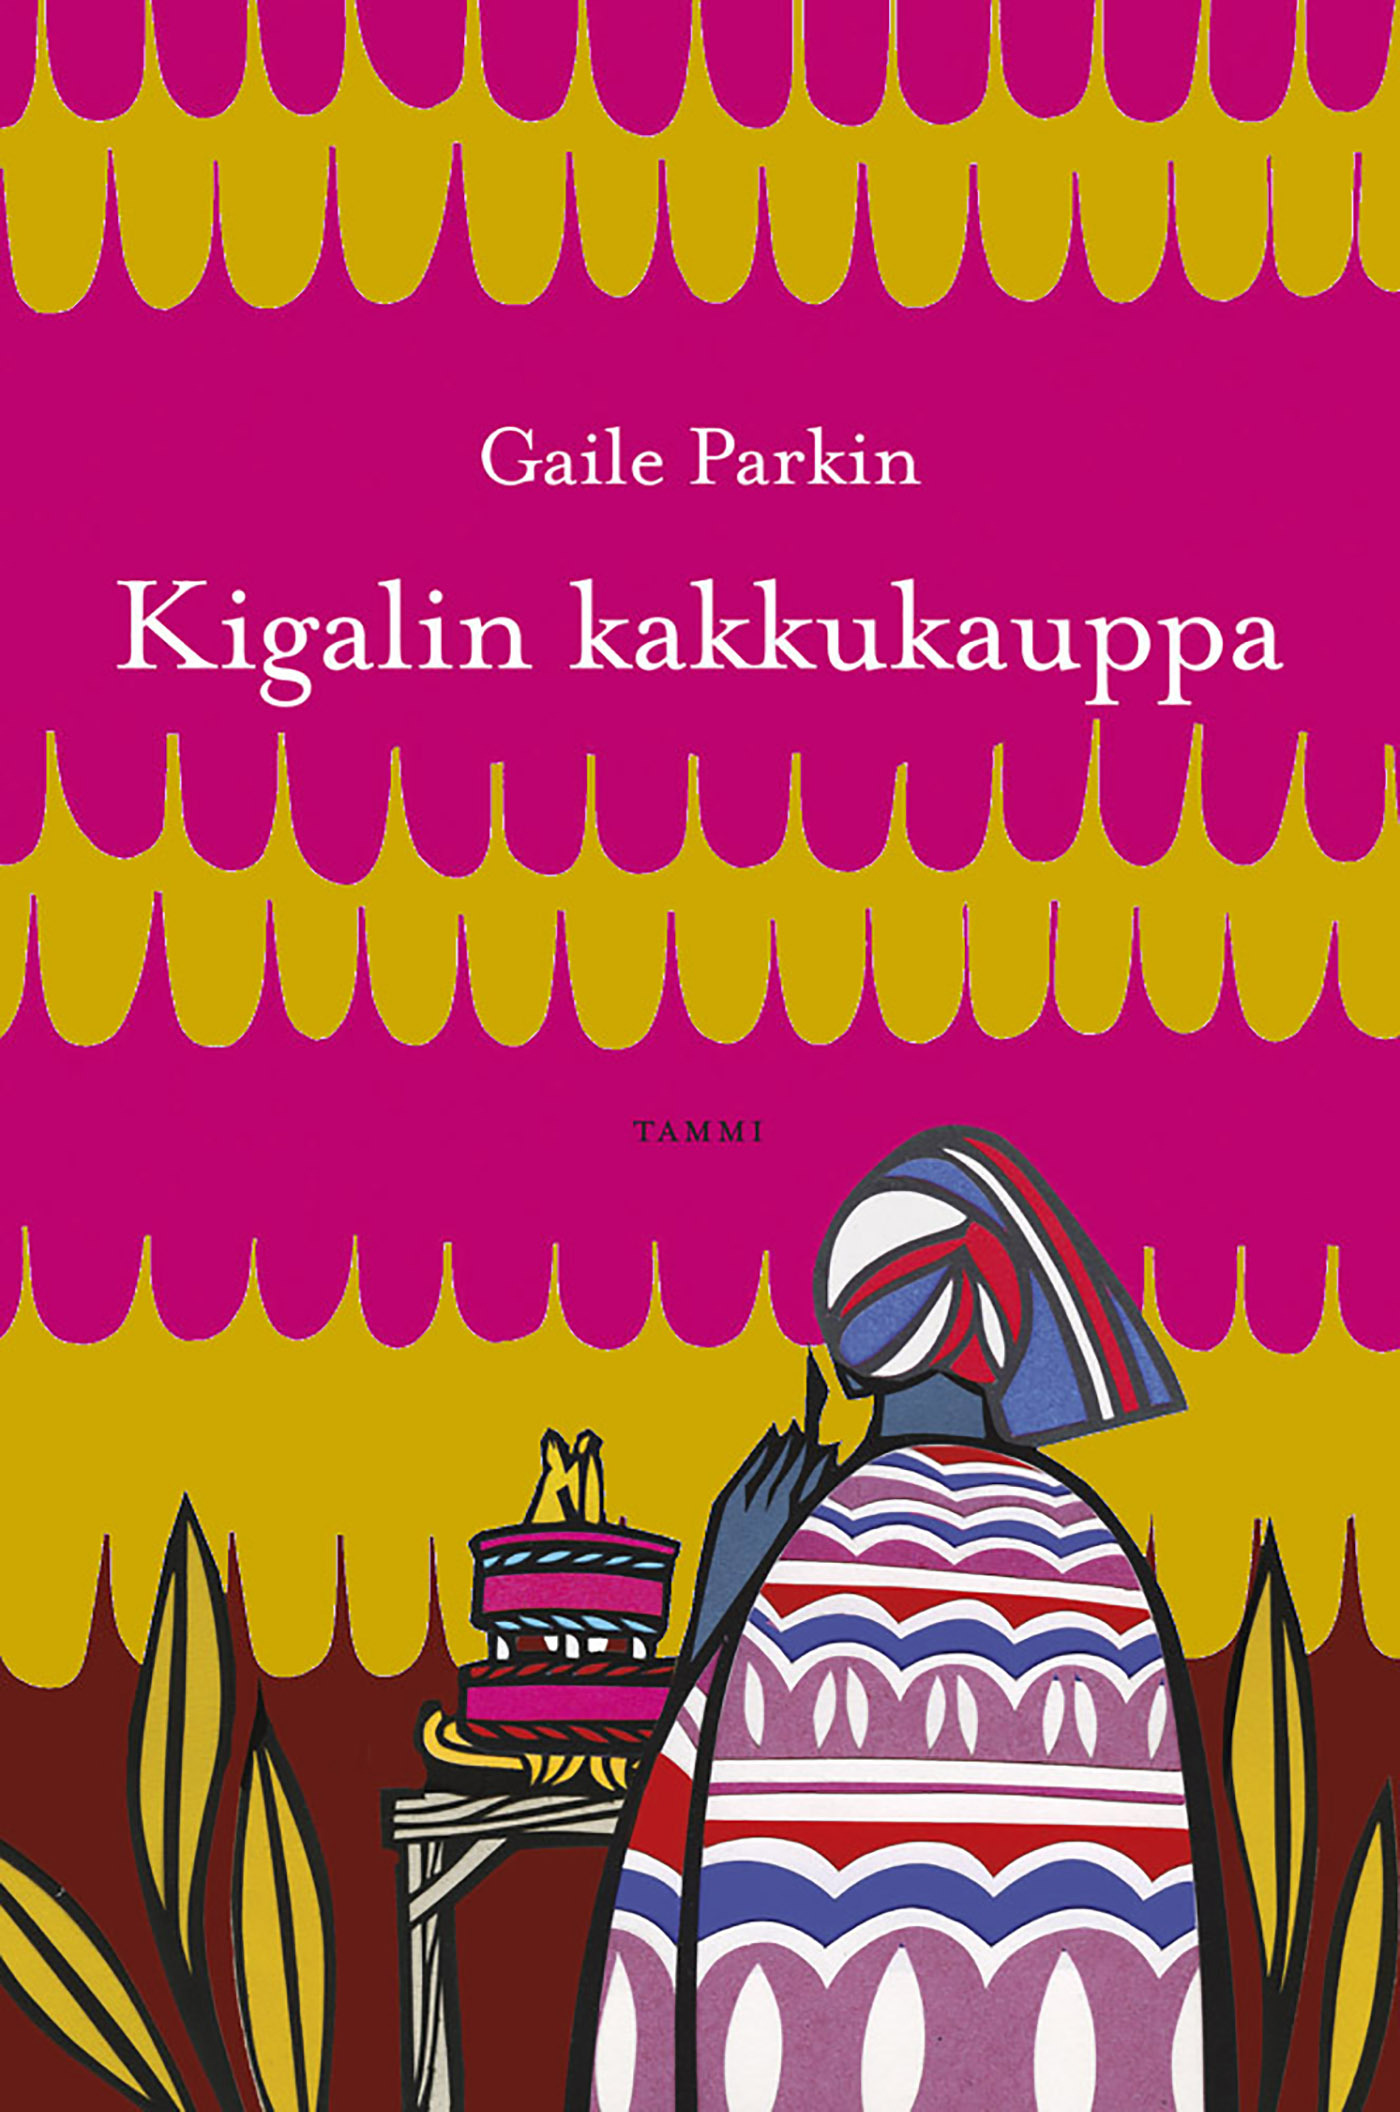 Parkin, Gaile - Kigalin kakkukauppa, ebook